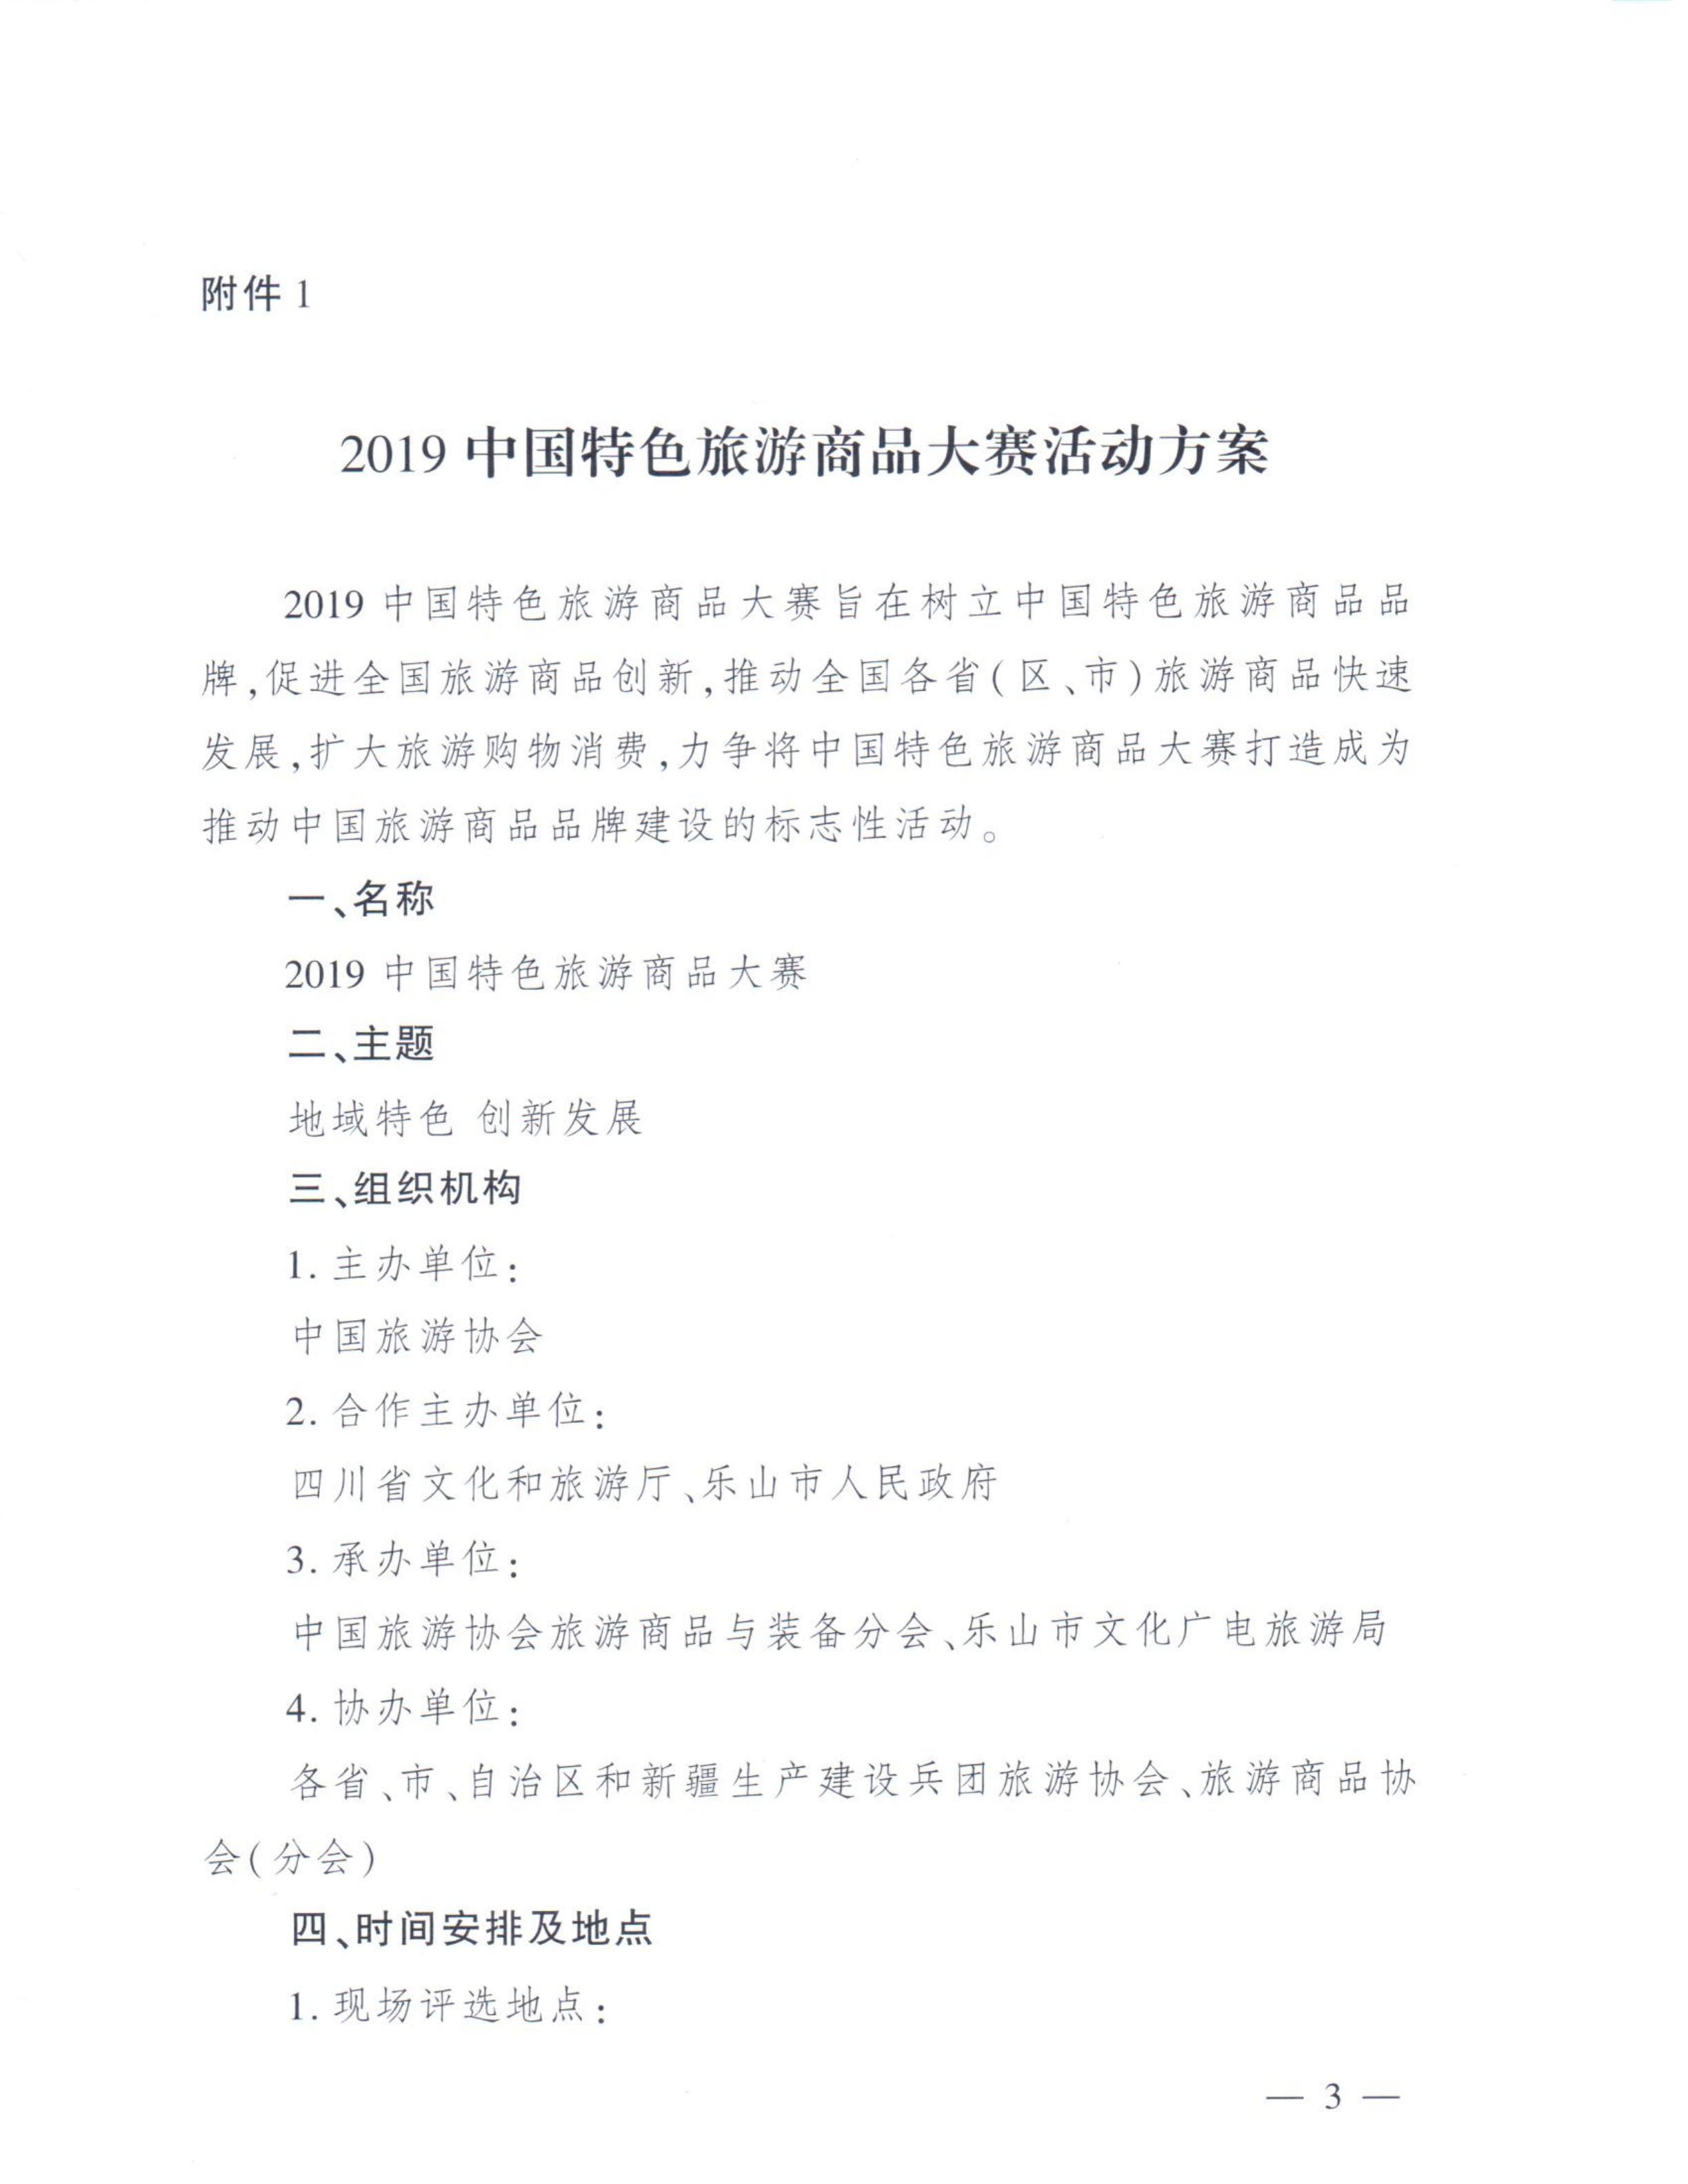 舉辦2019中國特色旅游商品大賽的通知-9-舉辦2019中國特色旅游商品大賽的通知-9_02